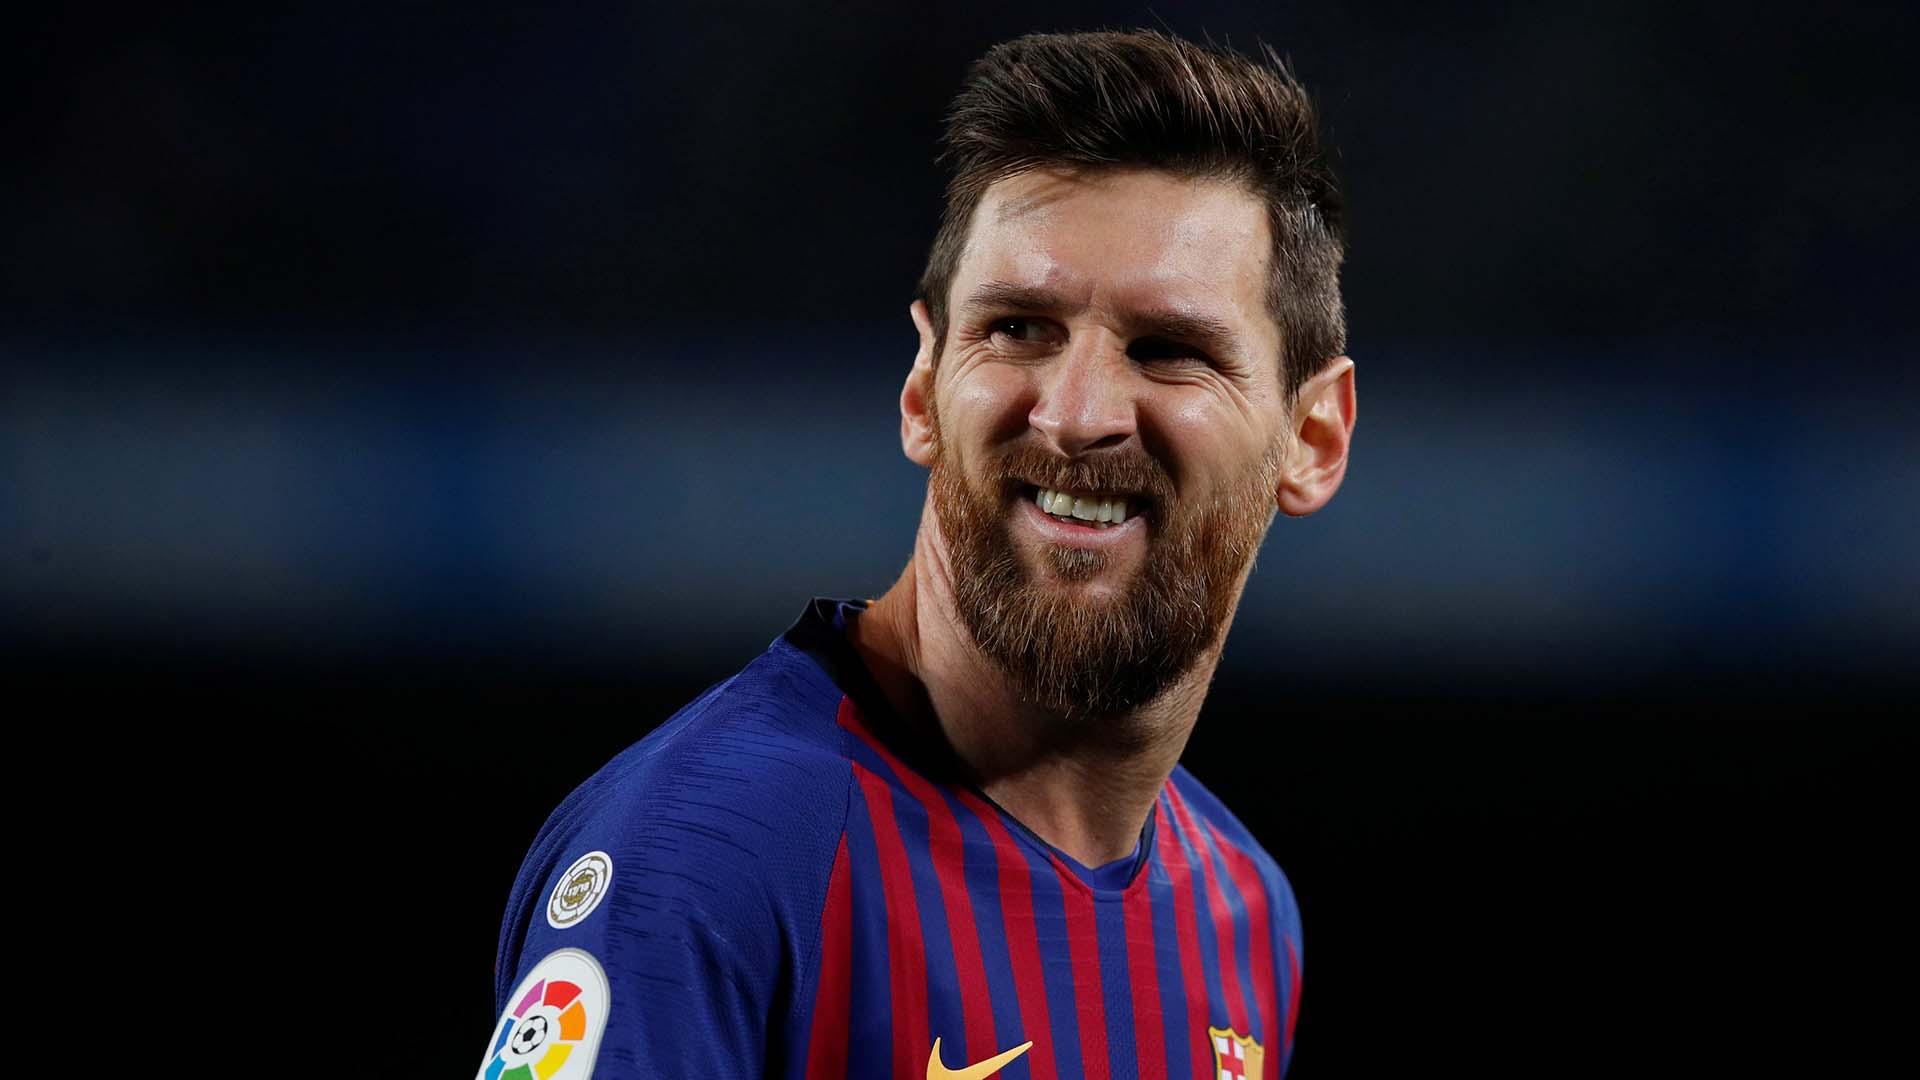 El Barcelona eliminó al Levante en la cancha pero podría quedar afuera en el escritorio (REUTERS/Albert Gea)